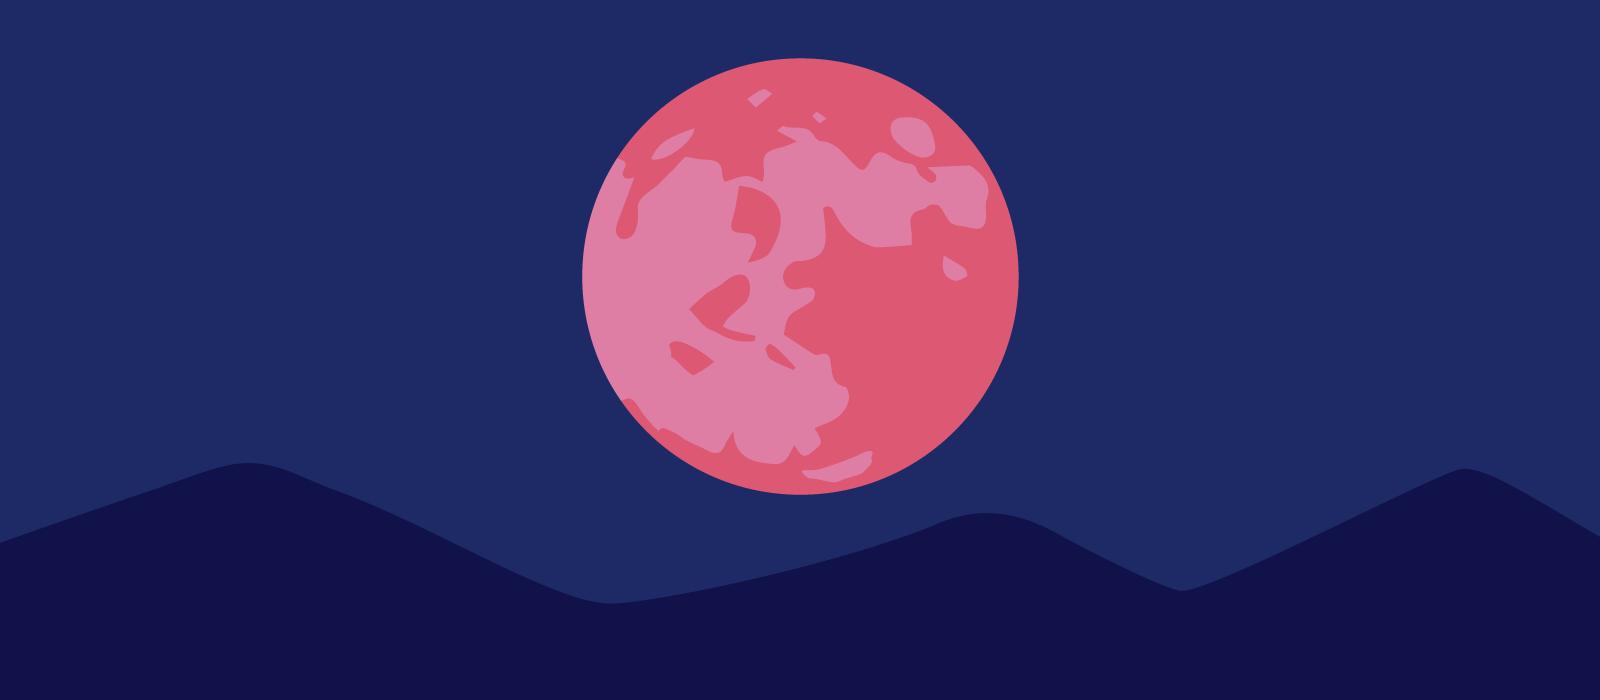 i000668_Strawberry_moon_eye